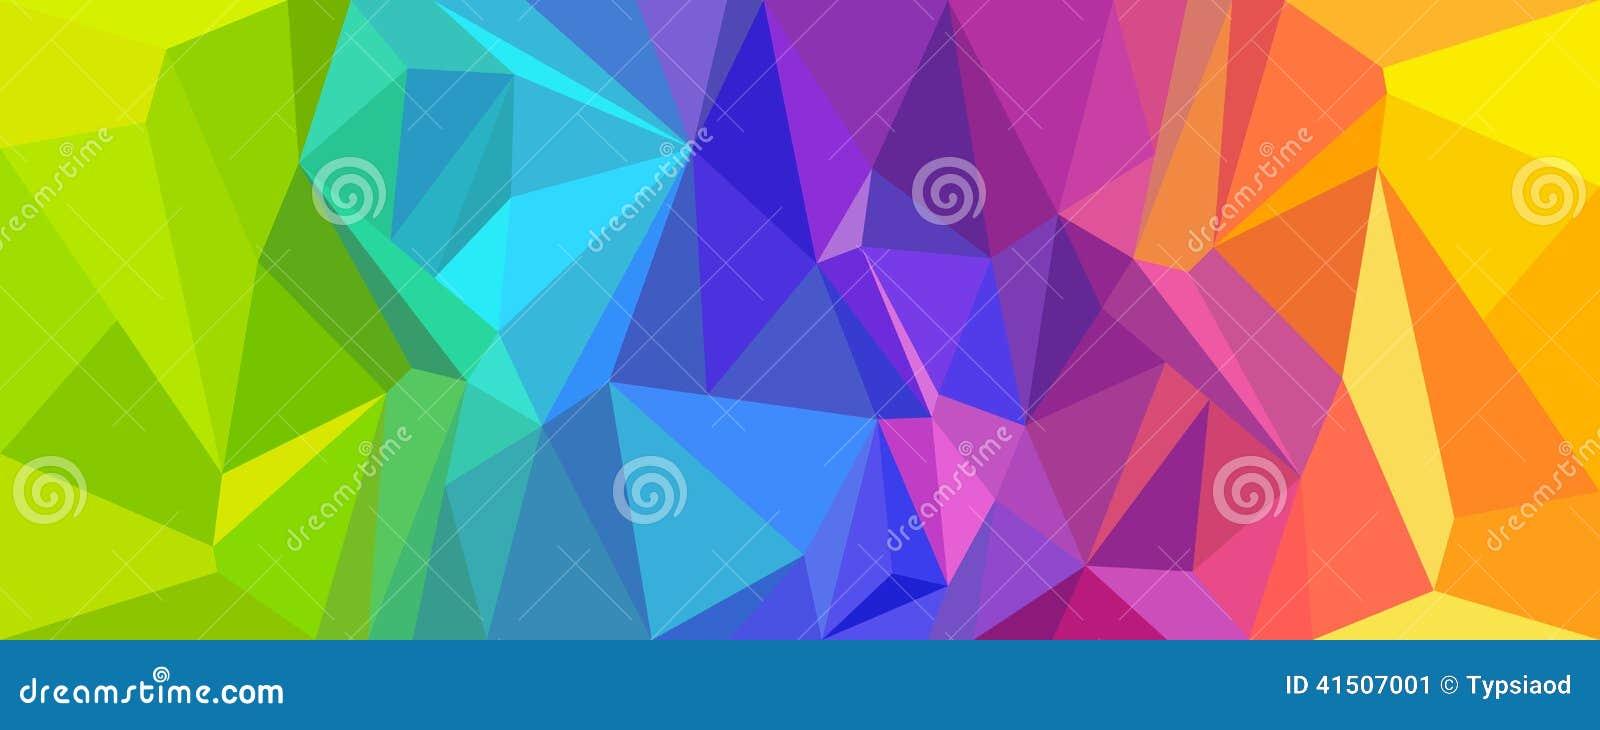 Polígono abstrato do fundo colorido